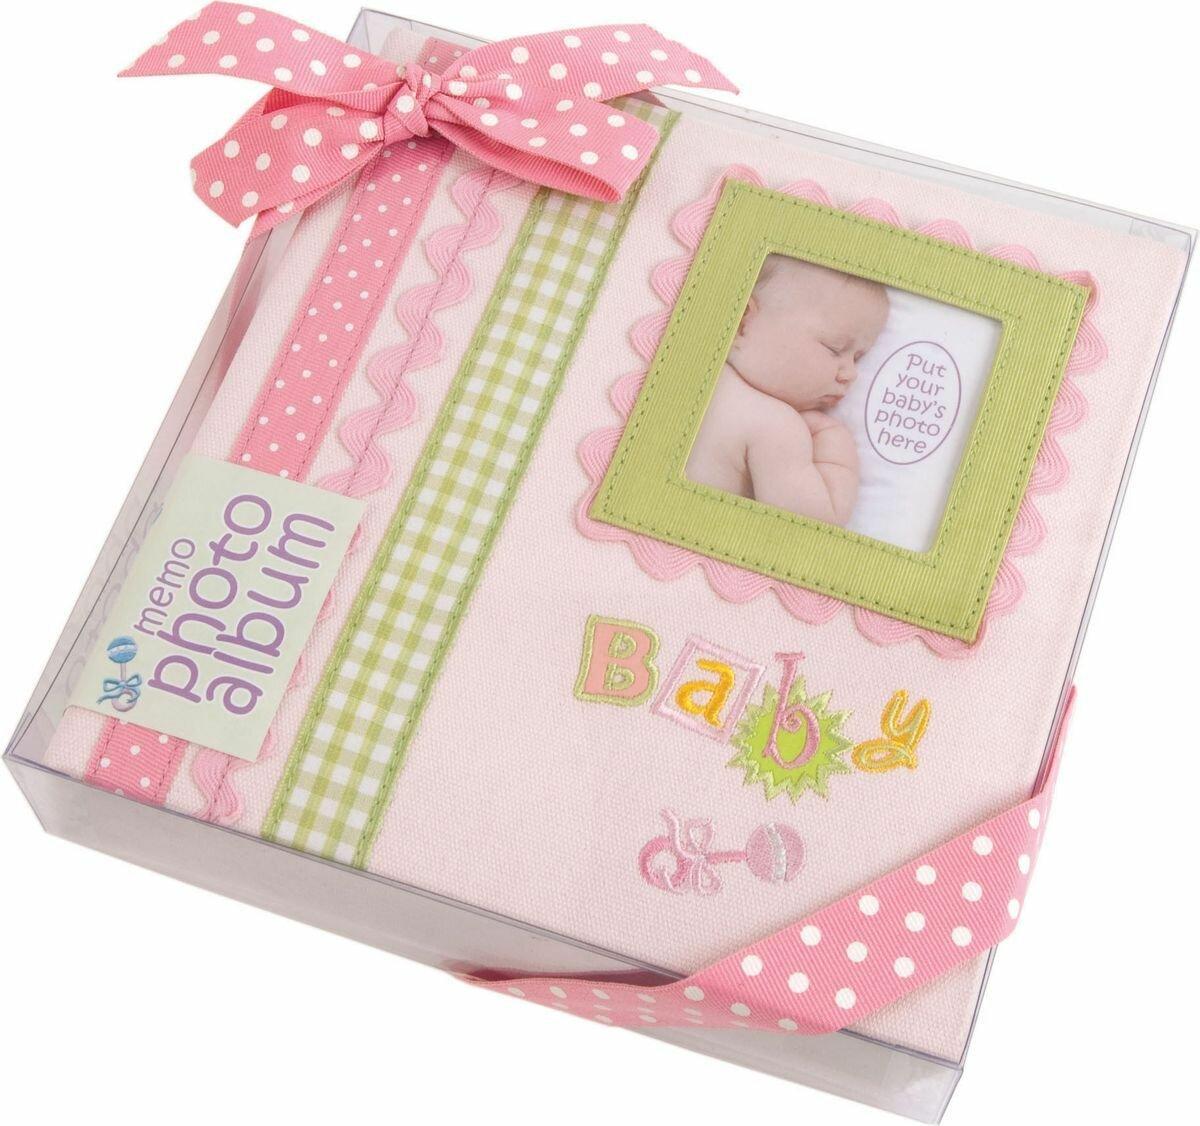 """Фотоальбом Innova """"Baby Memories Pink Memo"""", цвет: розовый, 180 фотографий, 10 x 15 см"""